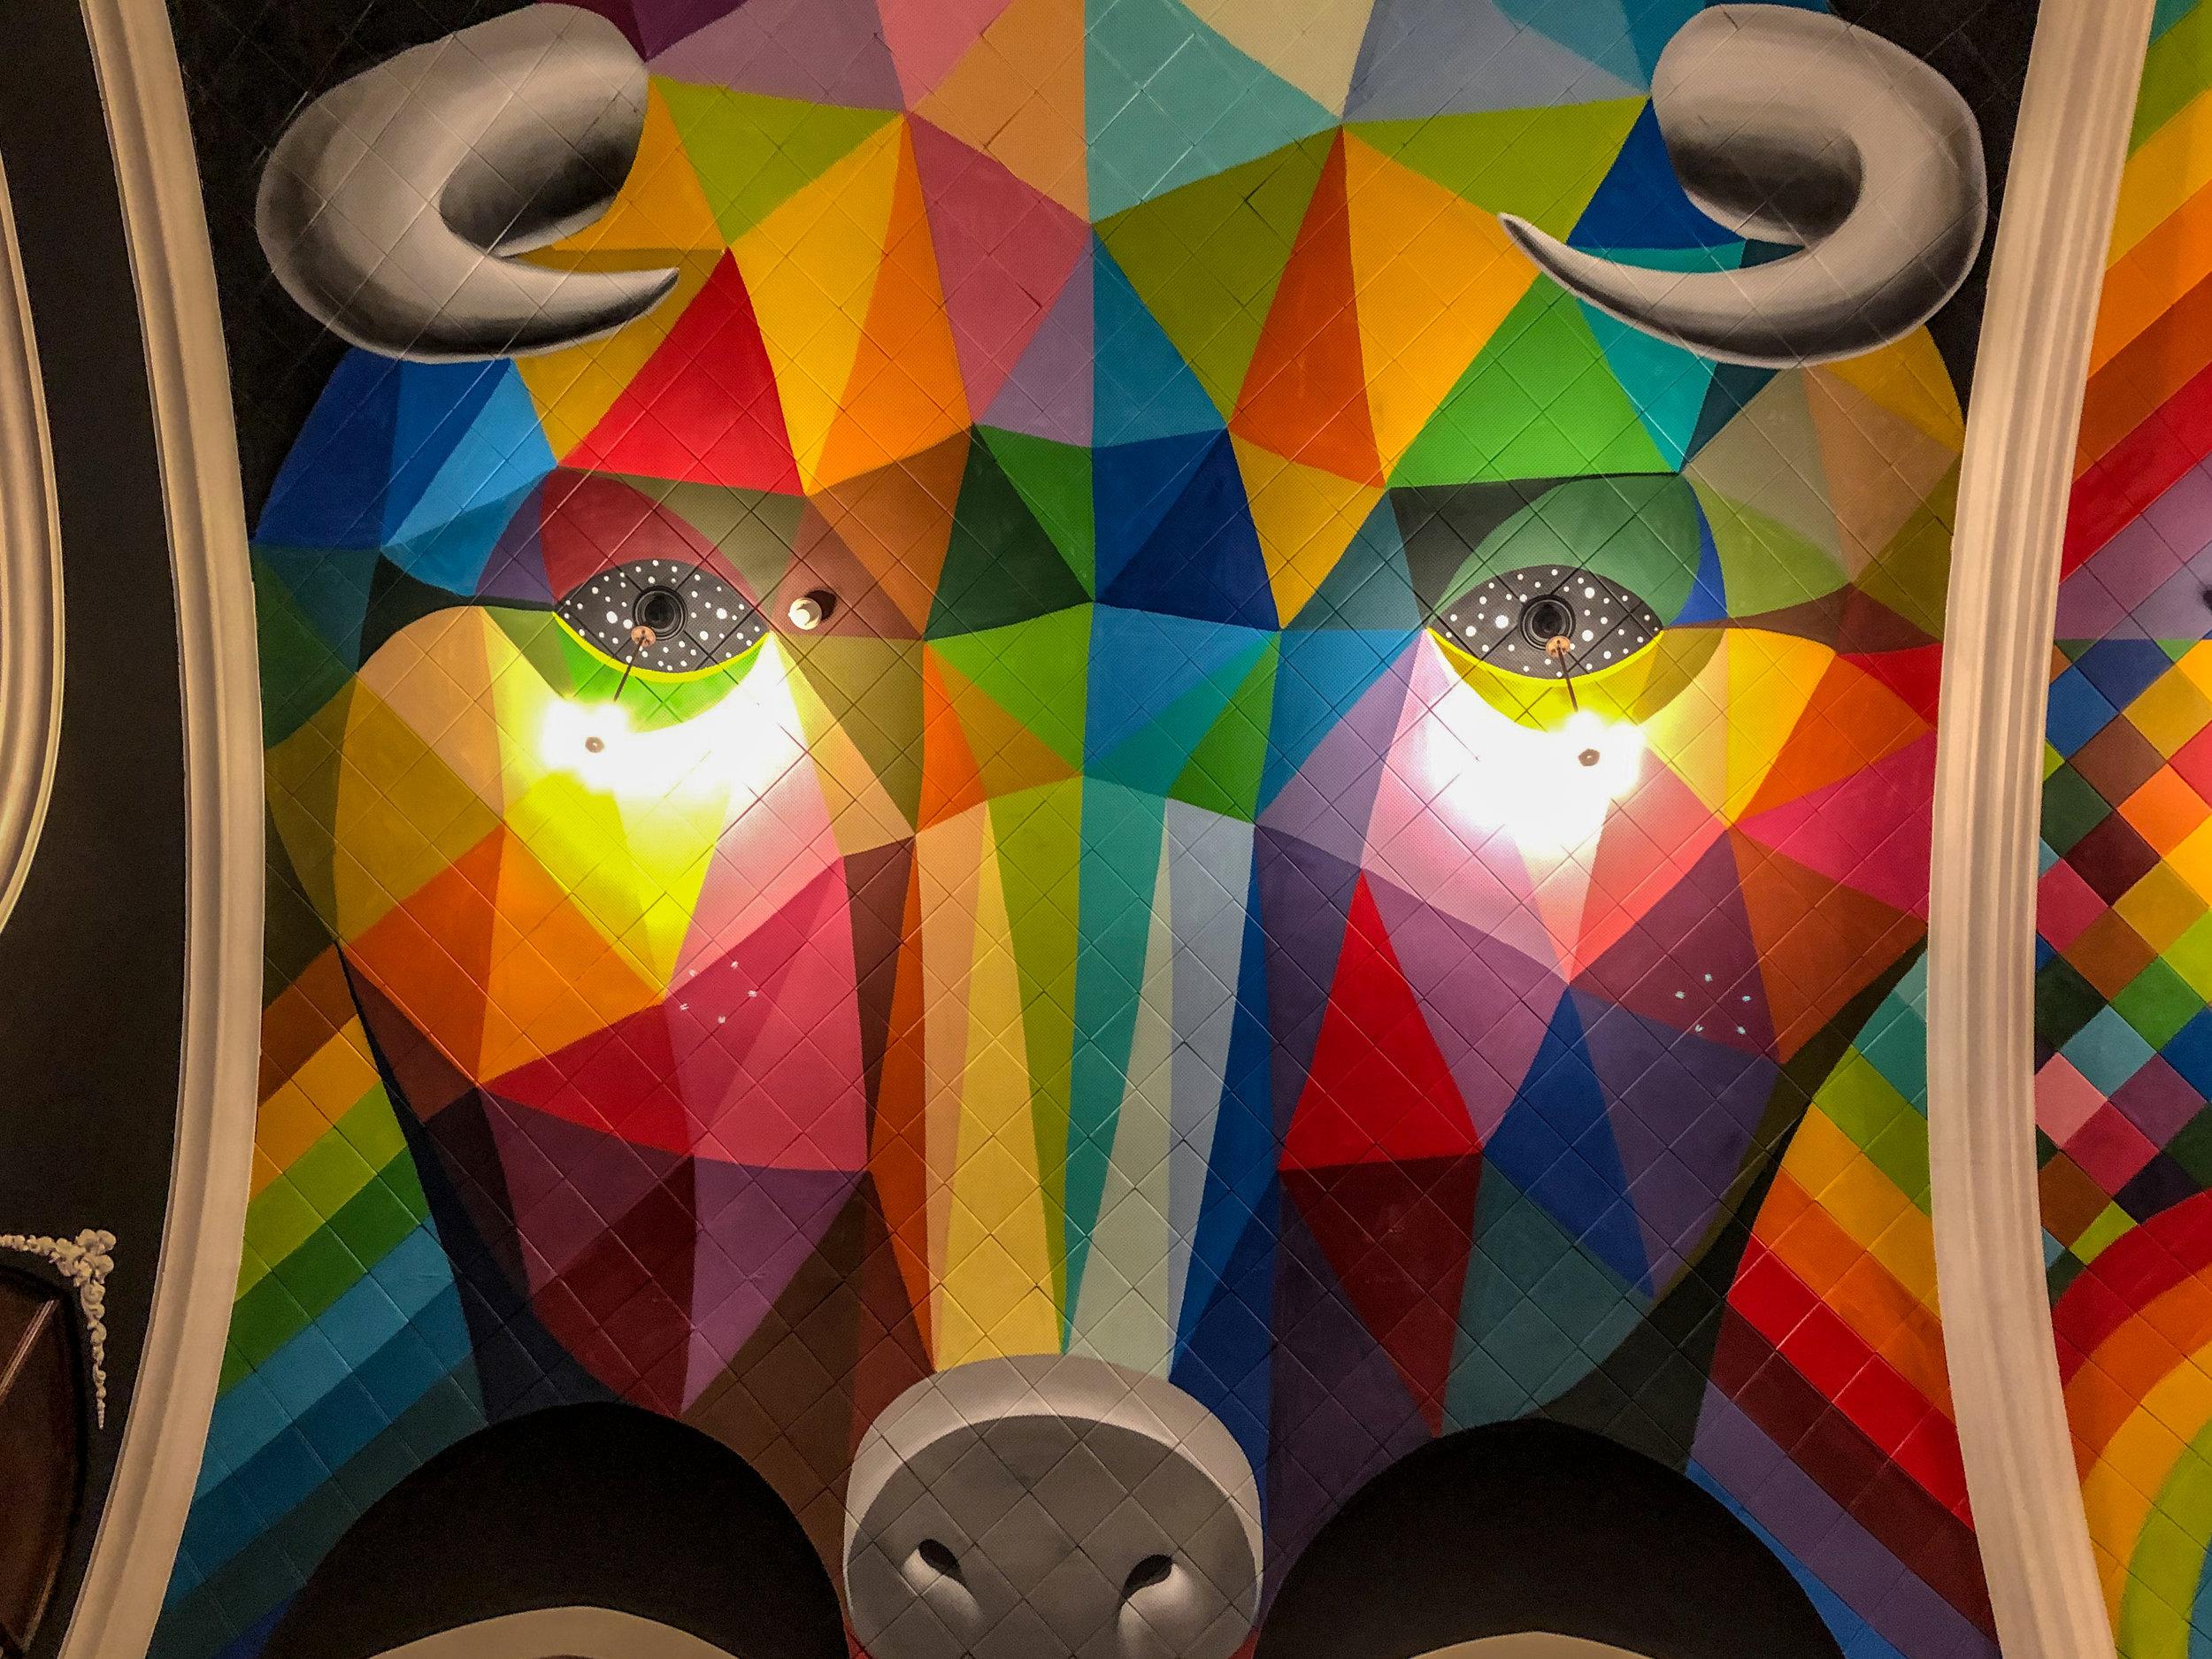 Bull ceiling mural by Okuda San MIguel.jpg